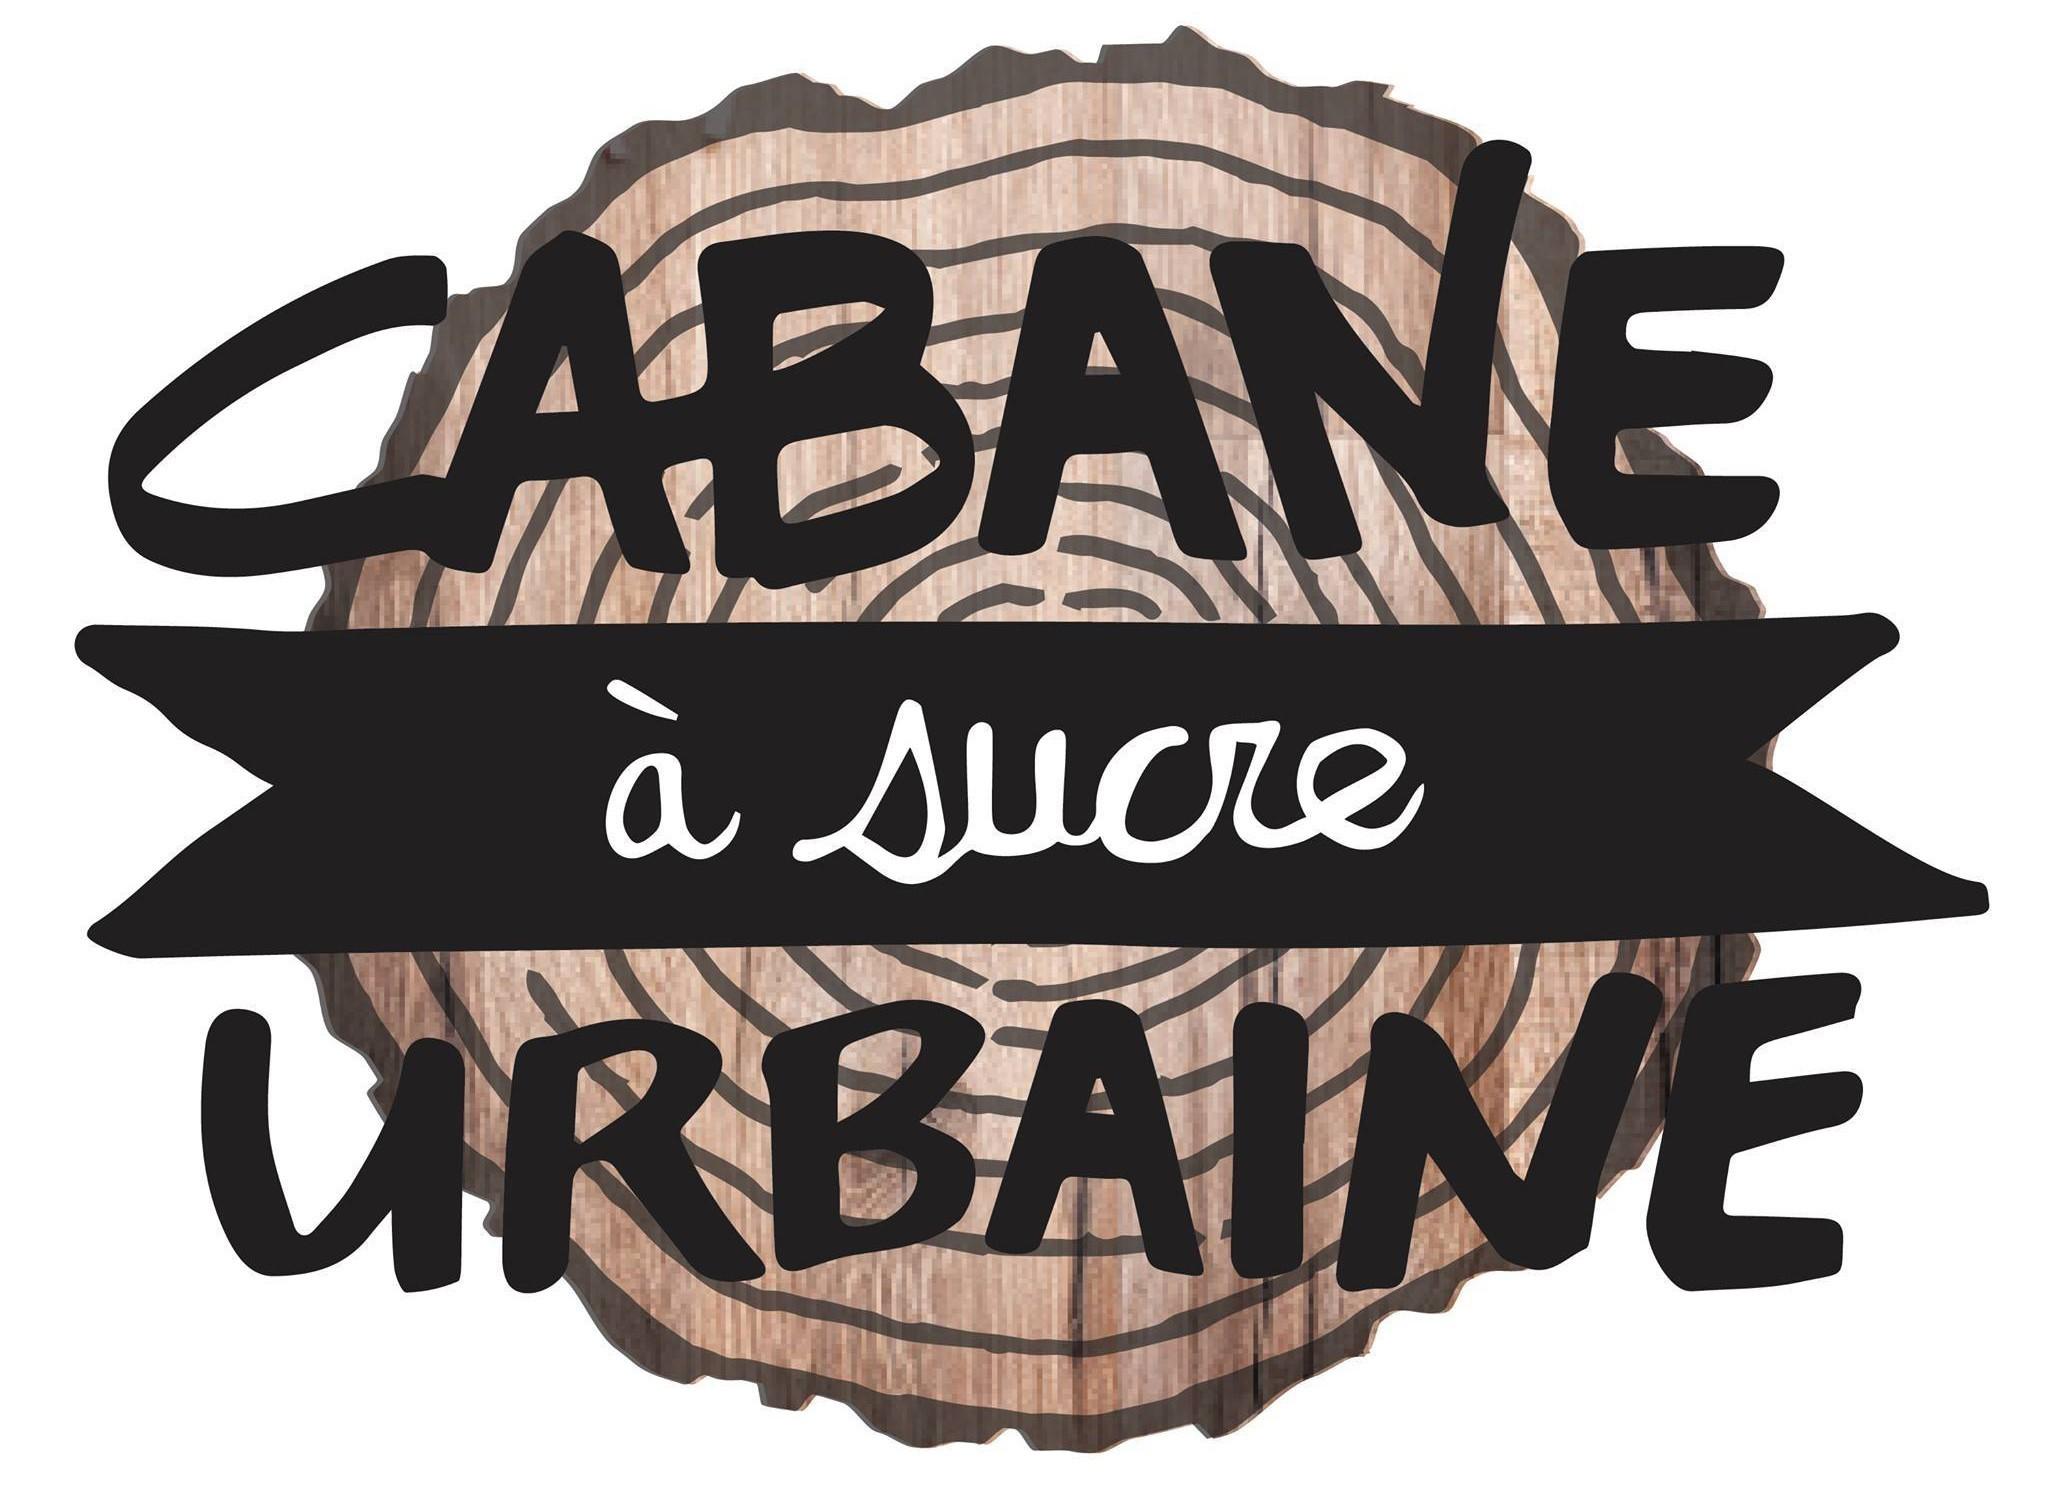 Logo cabane à sucre urbaine